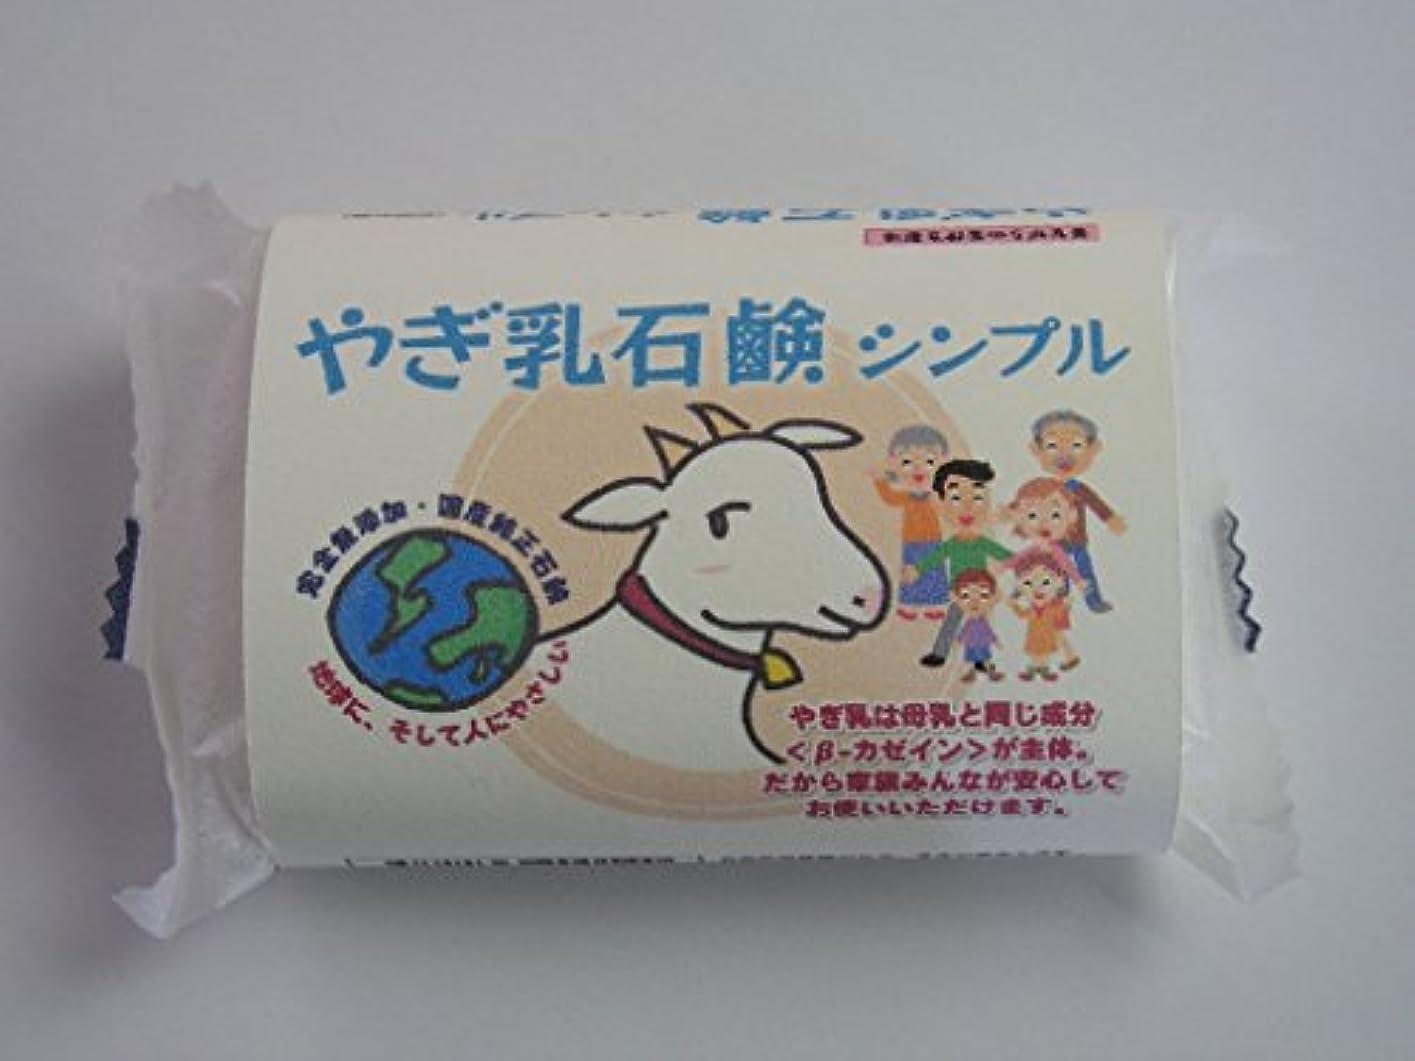 病的ケーブル溶融やぎ乳石鹸シンプル 80g